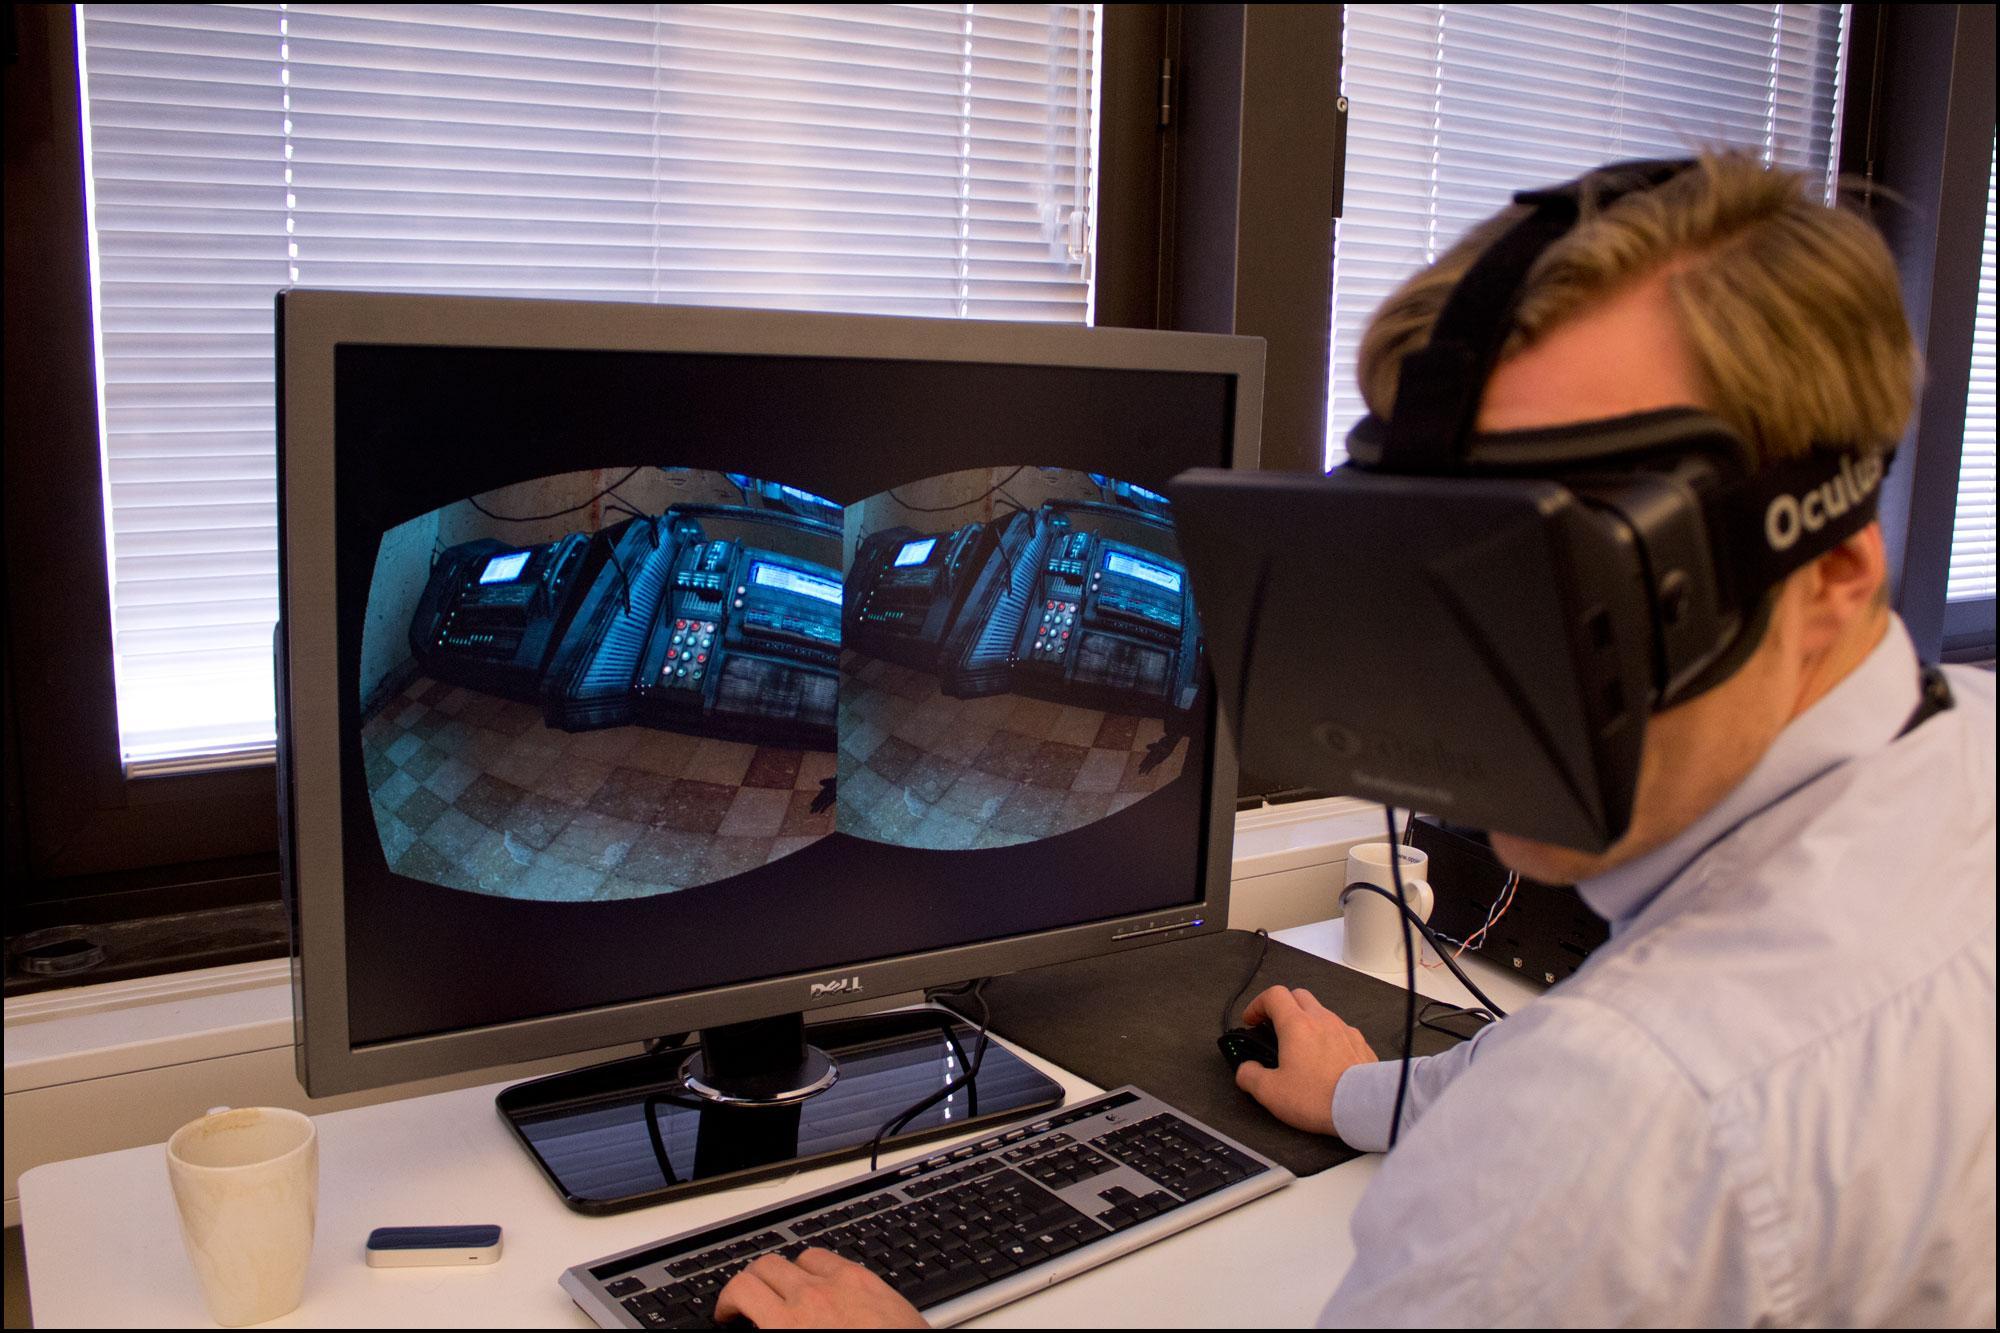 Å titte seg over skulderen i et dataspill har aldri vært så naturlig, men det var rart at det ikke sto en kollega der – siden vi hørte ham så tydelig...Foto: Jørgen Elton Nilsen, Hardware.no